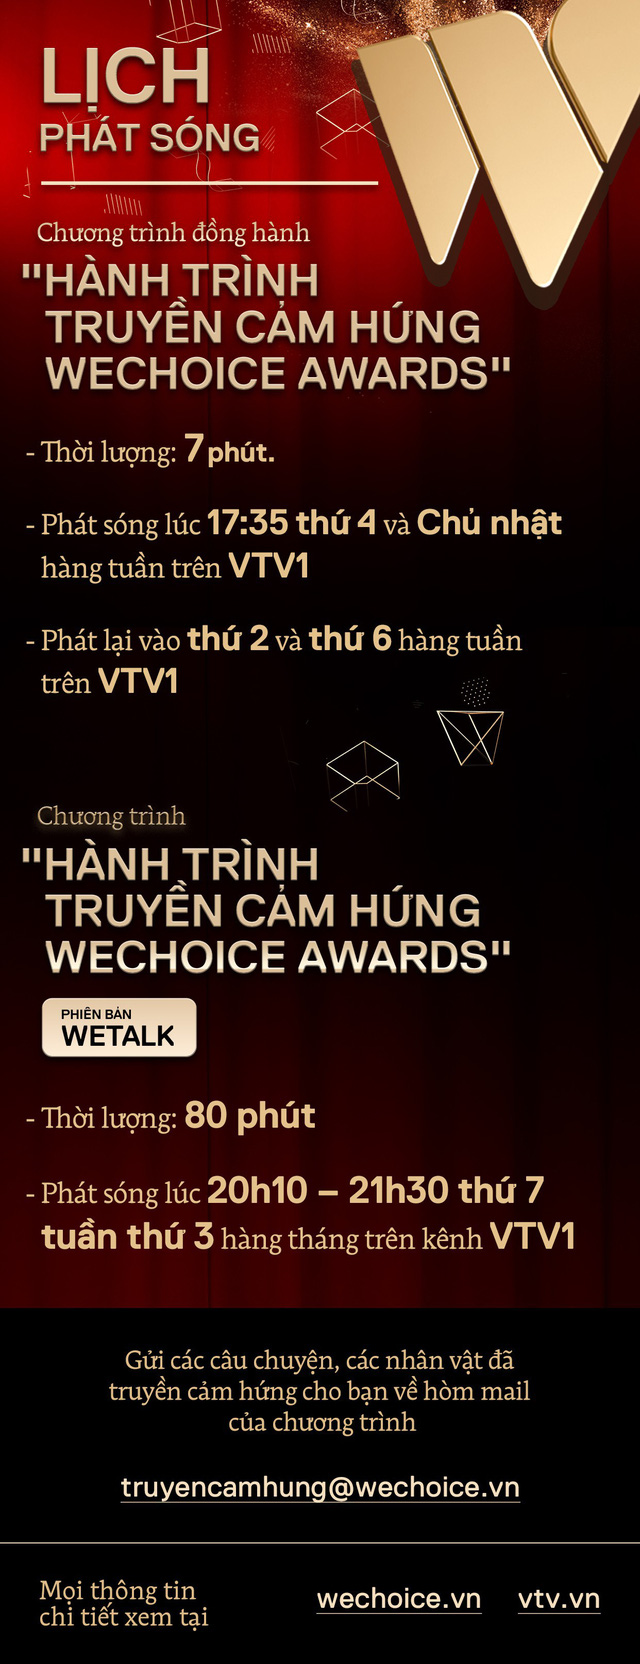 WeChoice Awards: Chương trình Hành trình truyền cảm hứng đã chính thức phát sóng! - Ảnh 2.